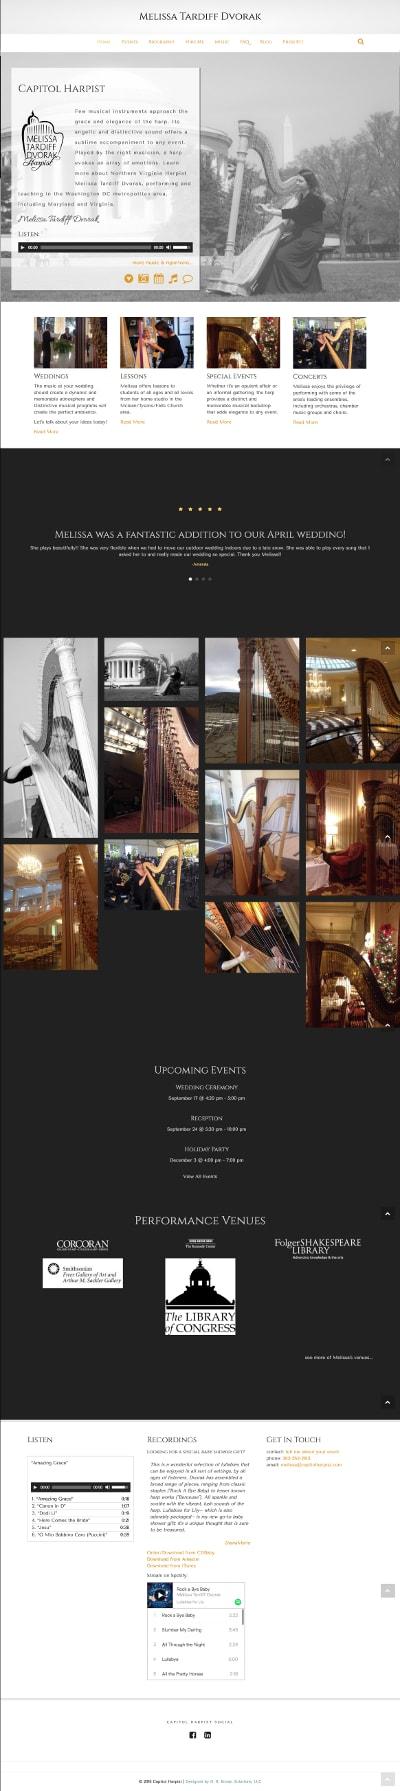 Capitol Harpist